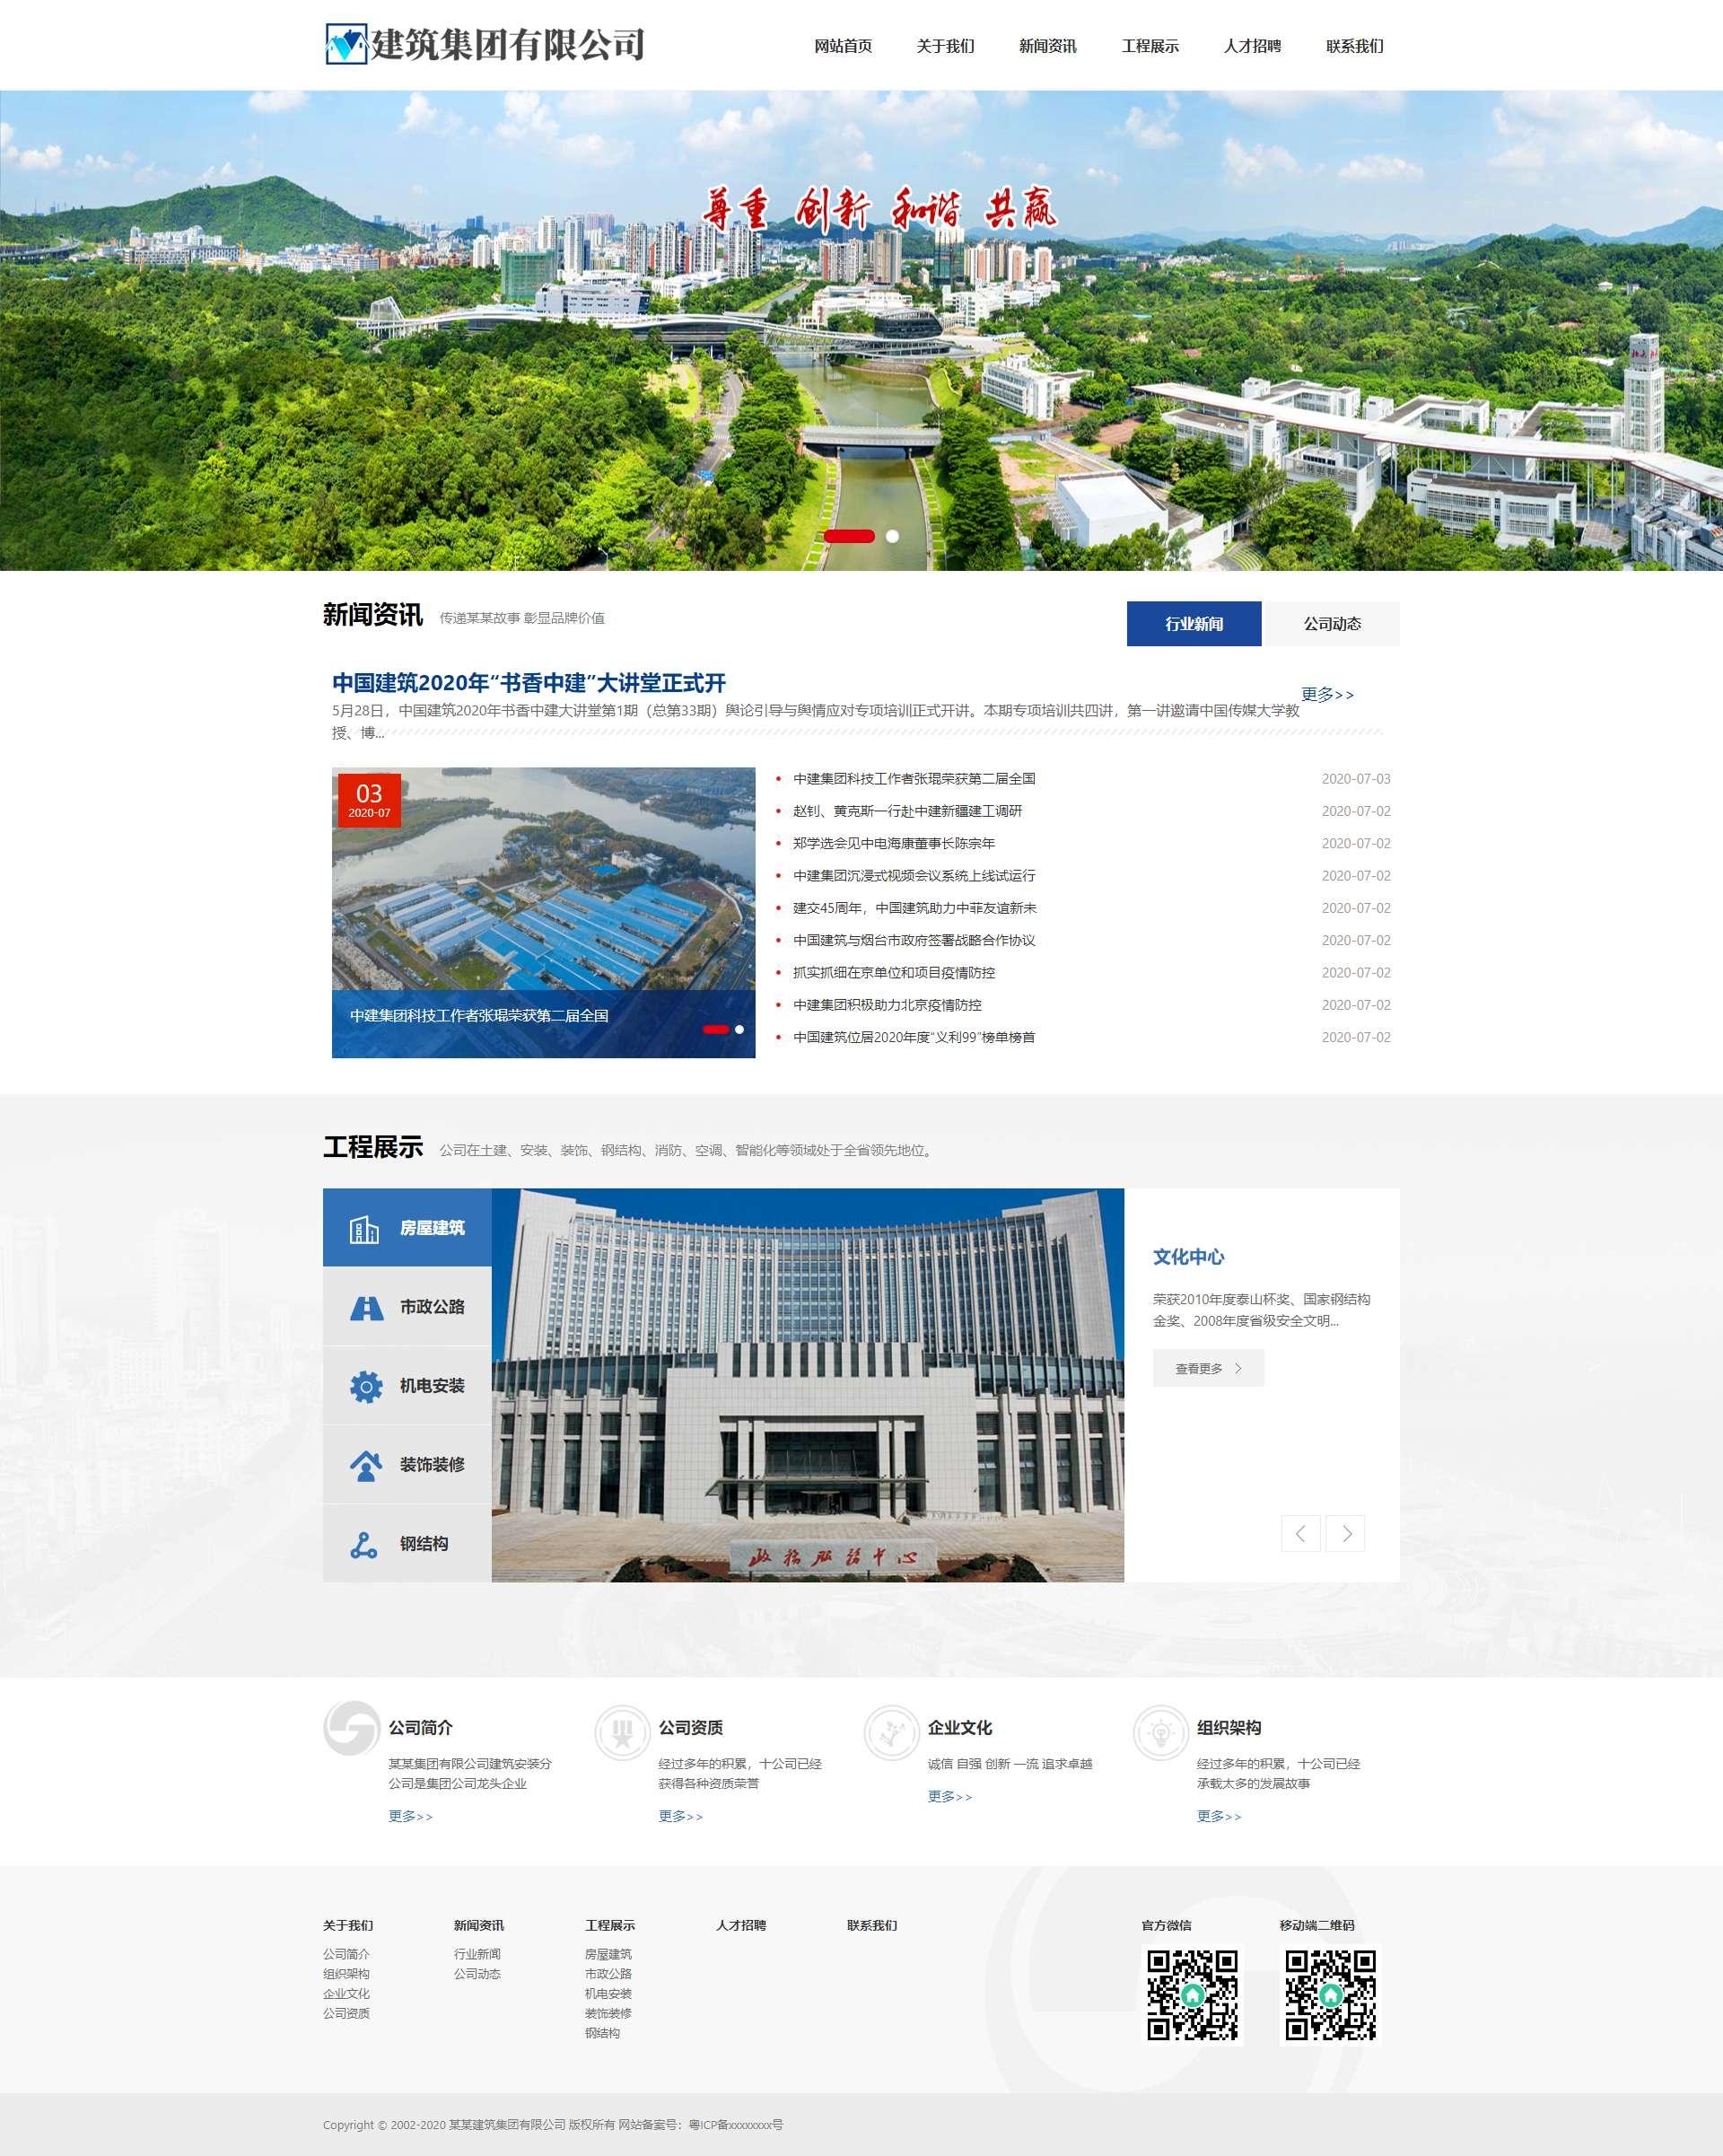 响应式建筑工程集团网站建设织梦模板